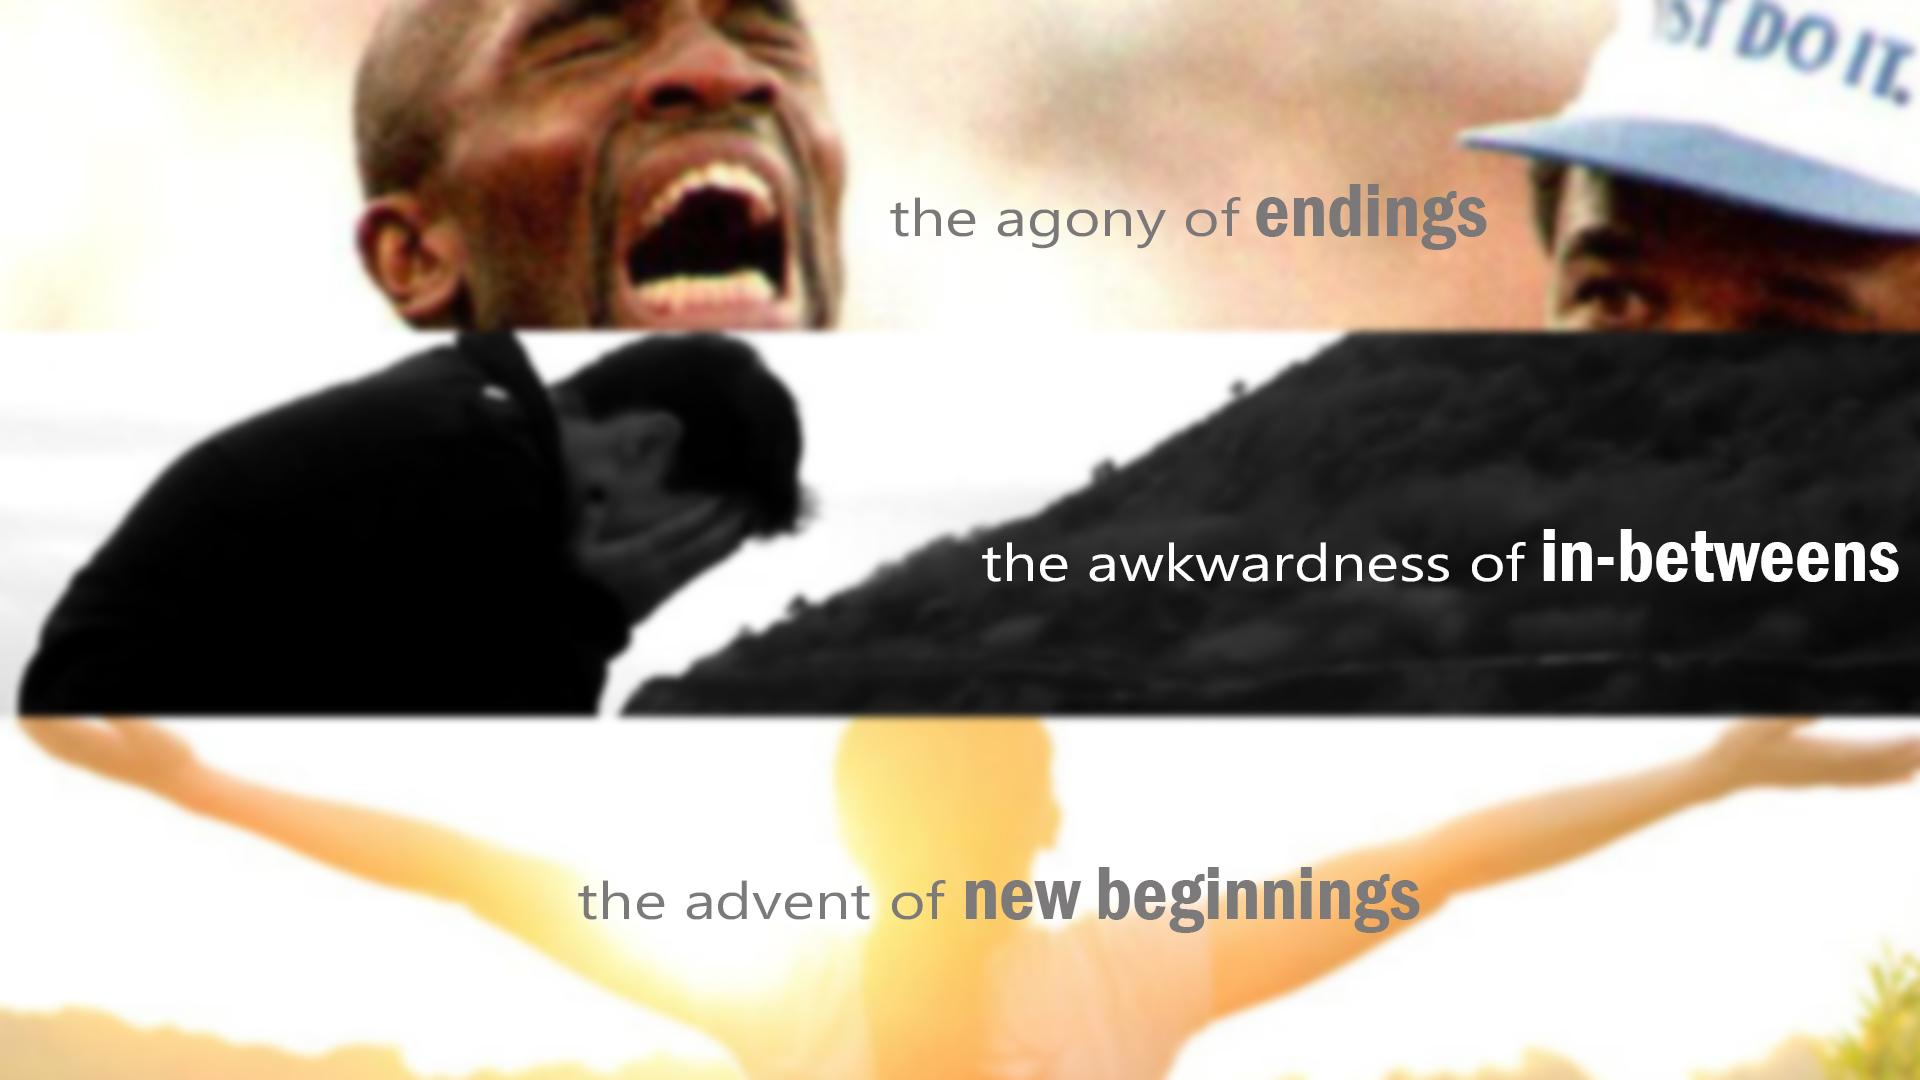 Ending_Between_Beginnings.jpg